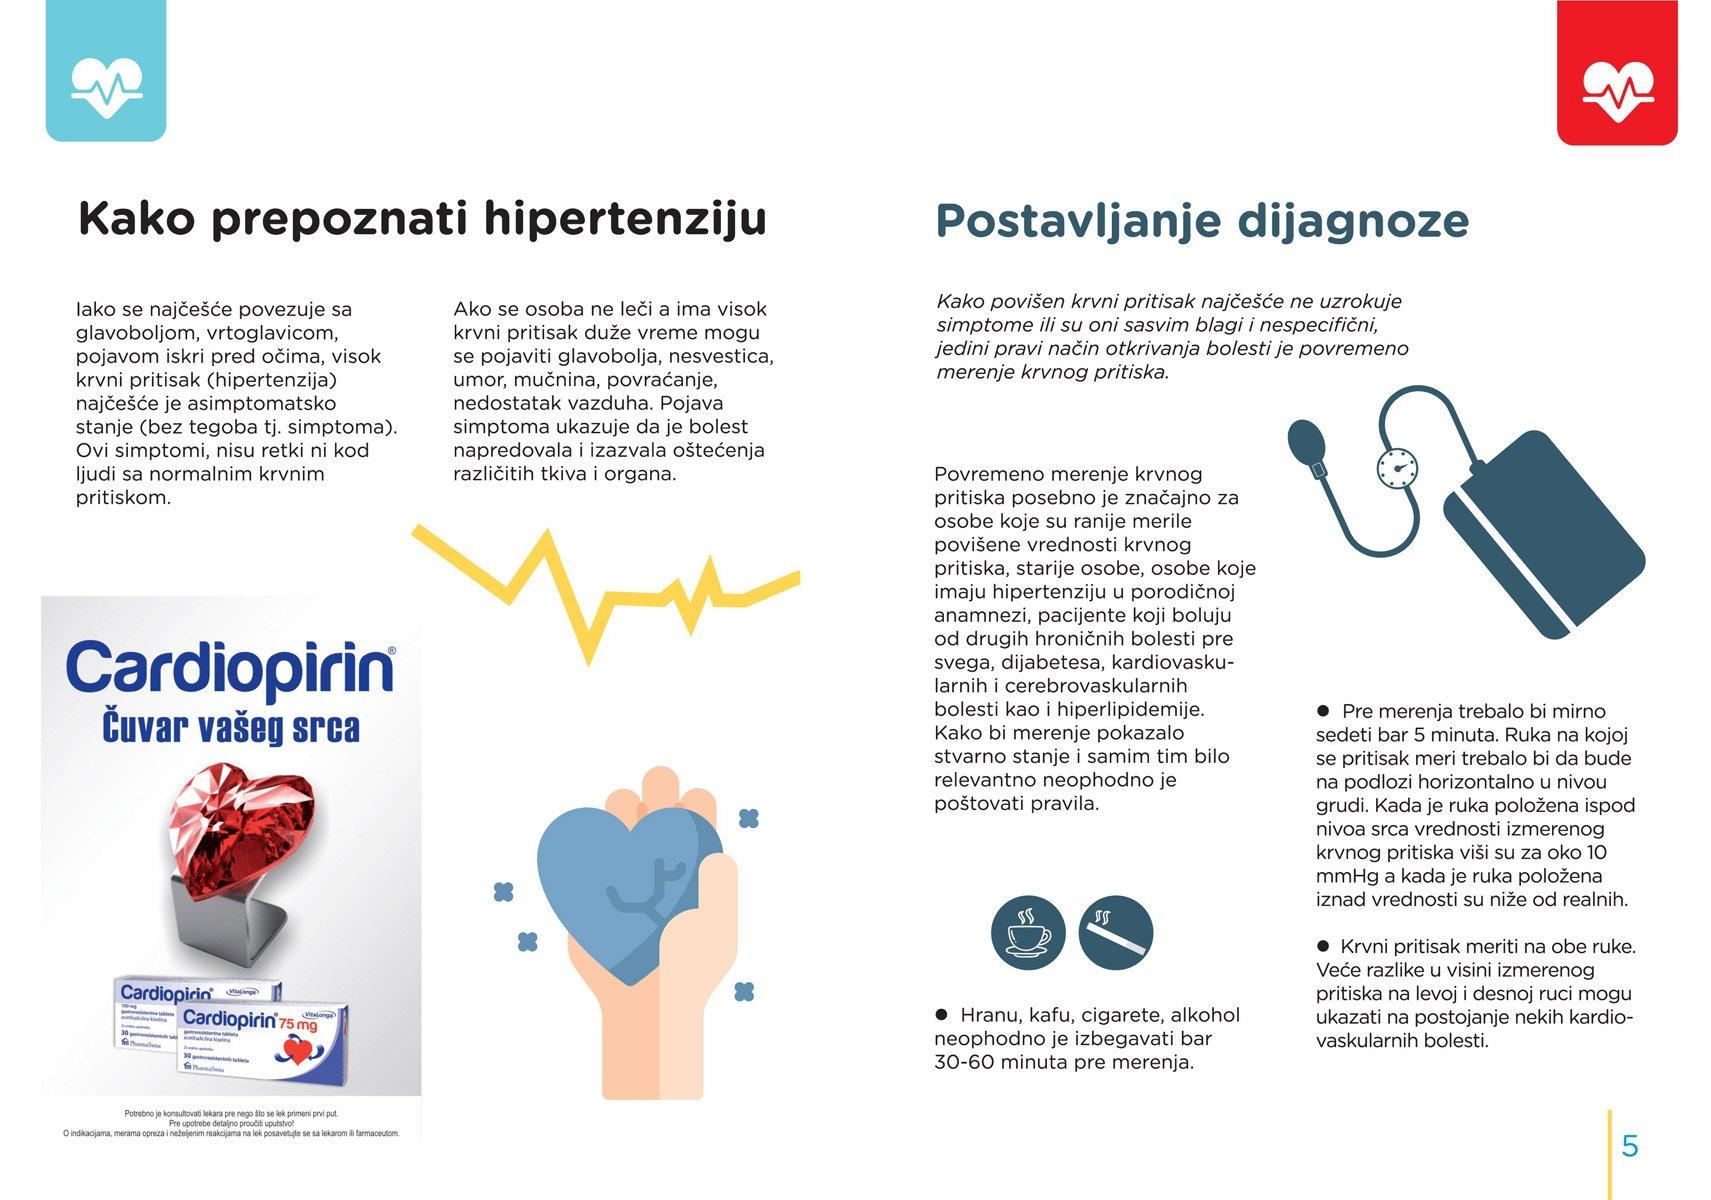 hipertenzija je srce)